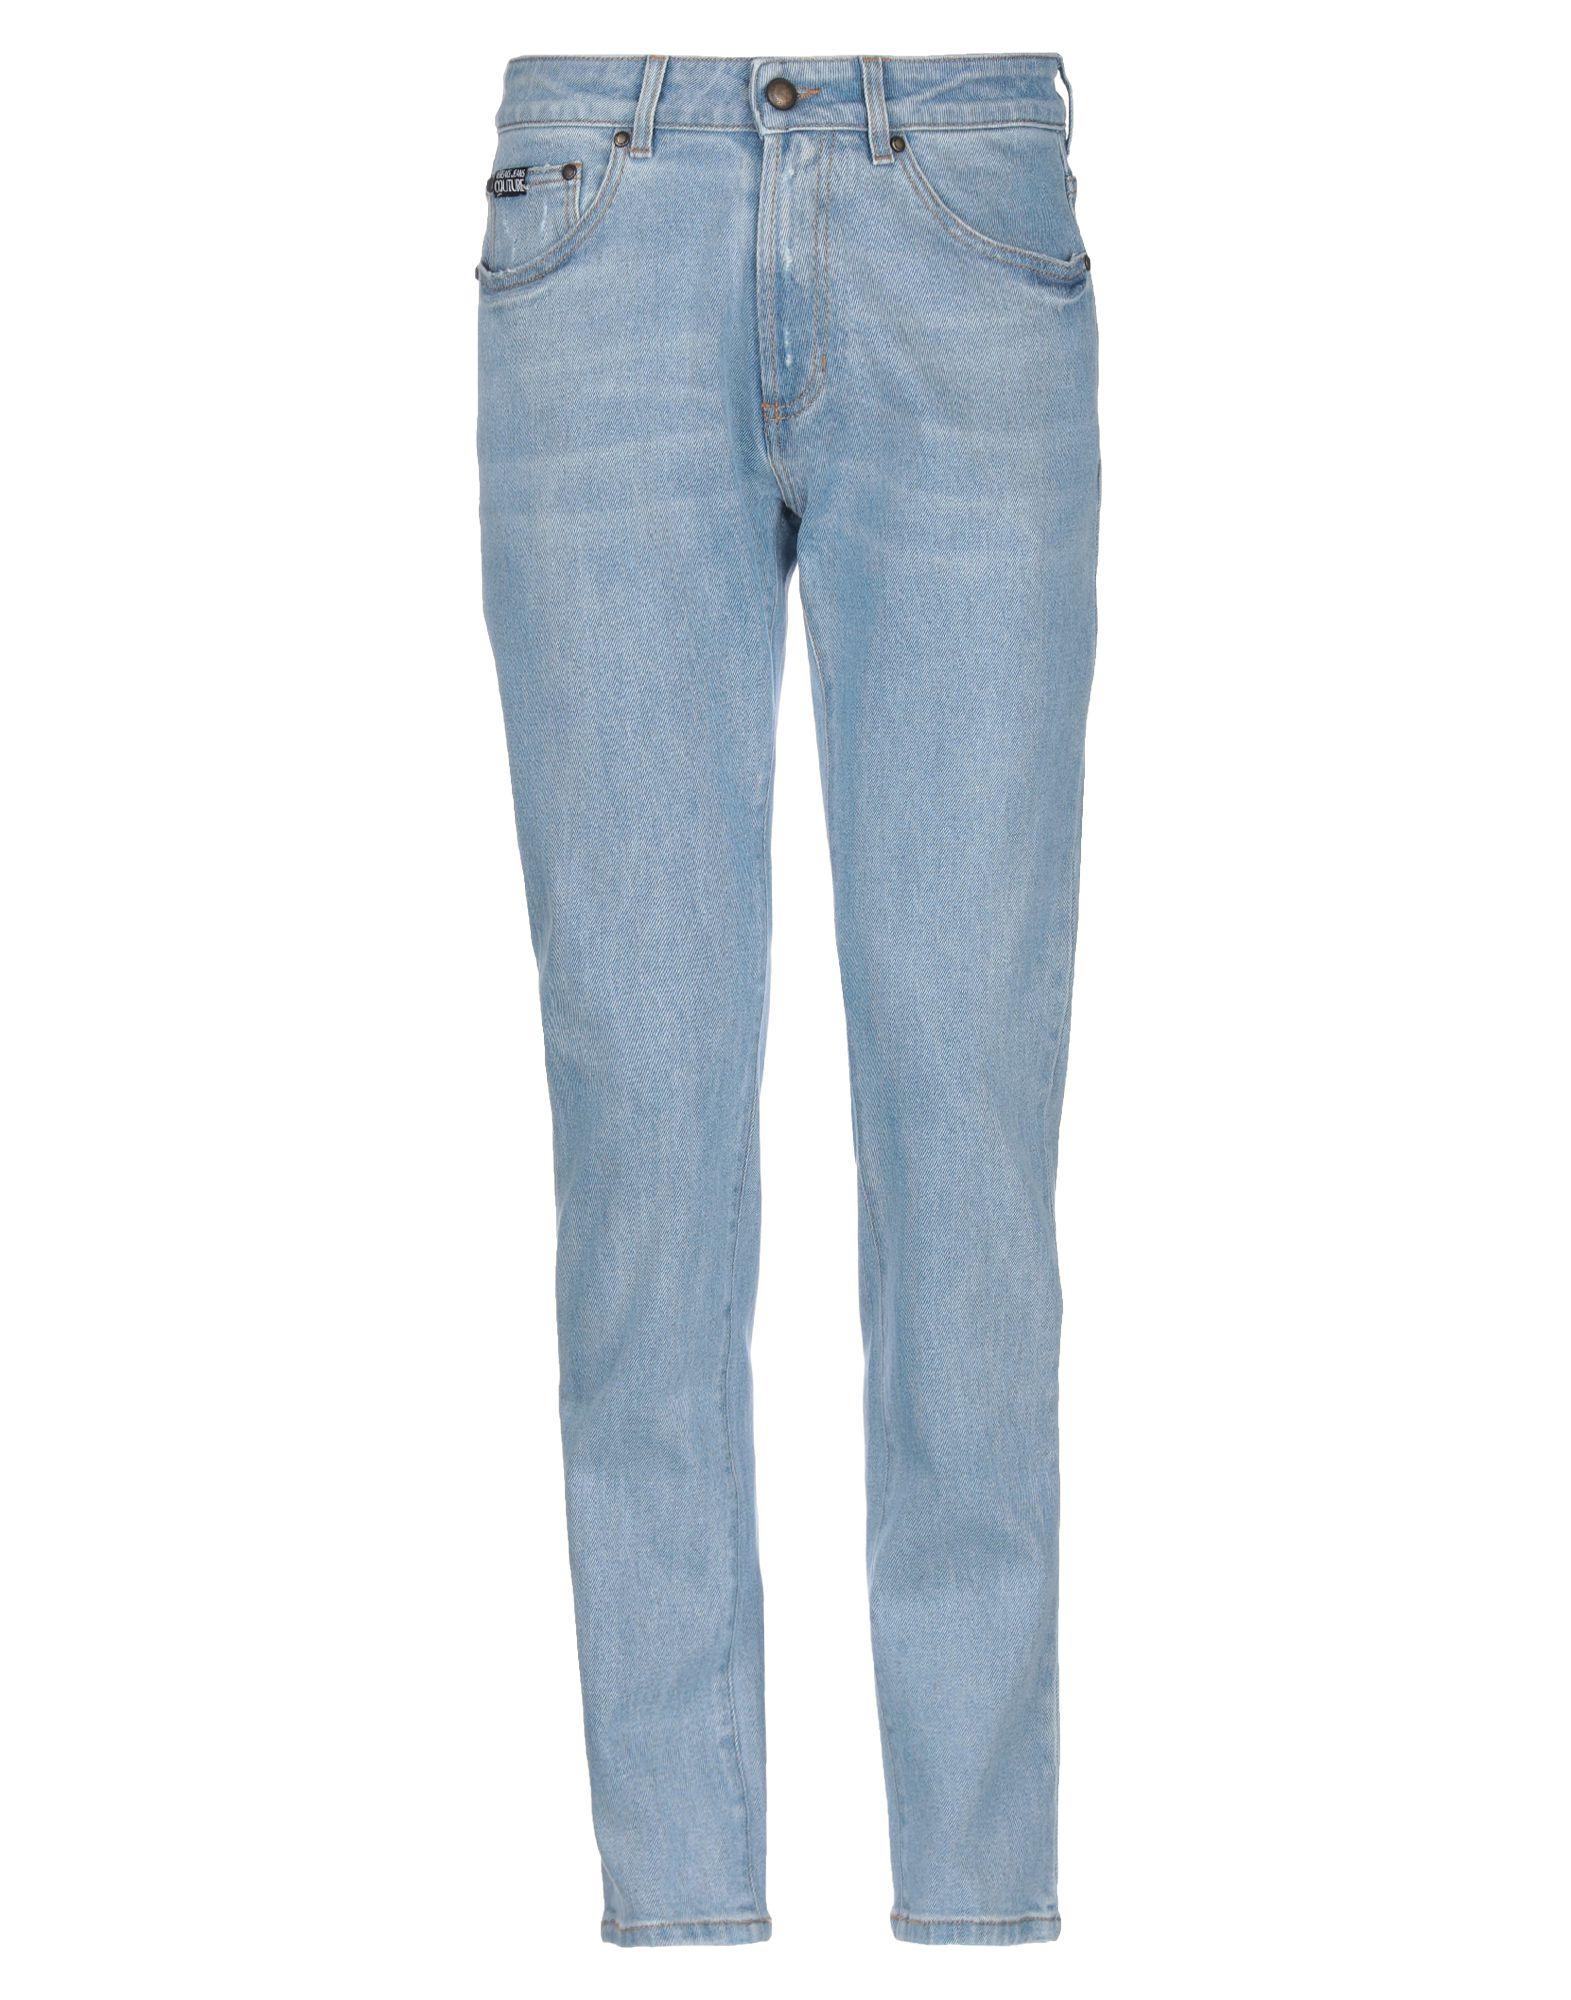 VERSACE JEANS COUTURE Denim pants - Item 42816920